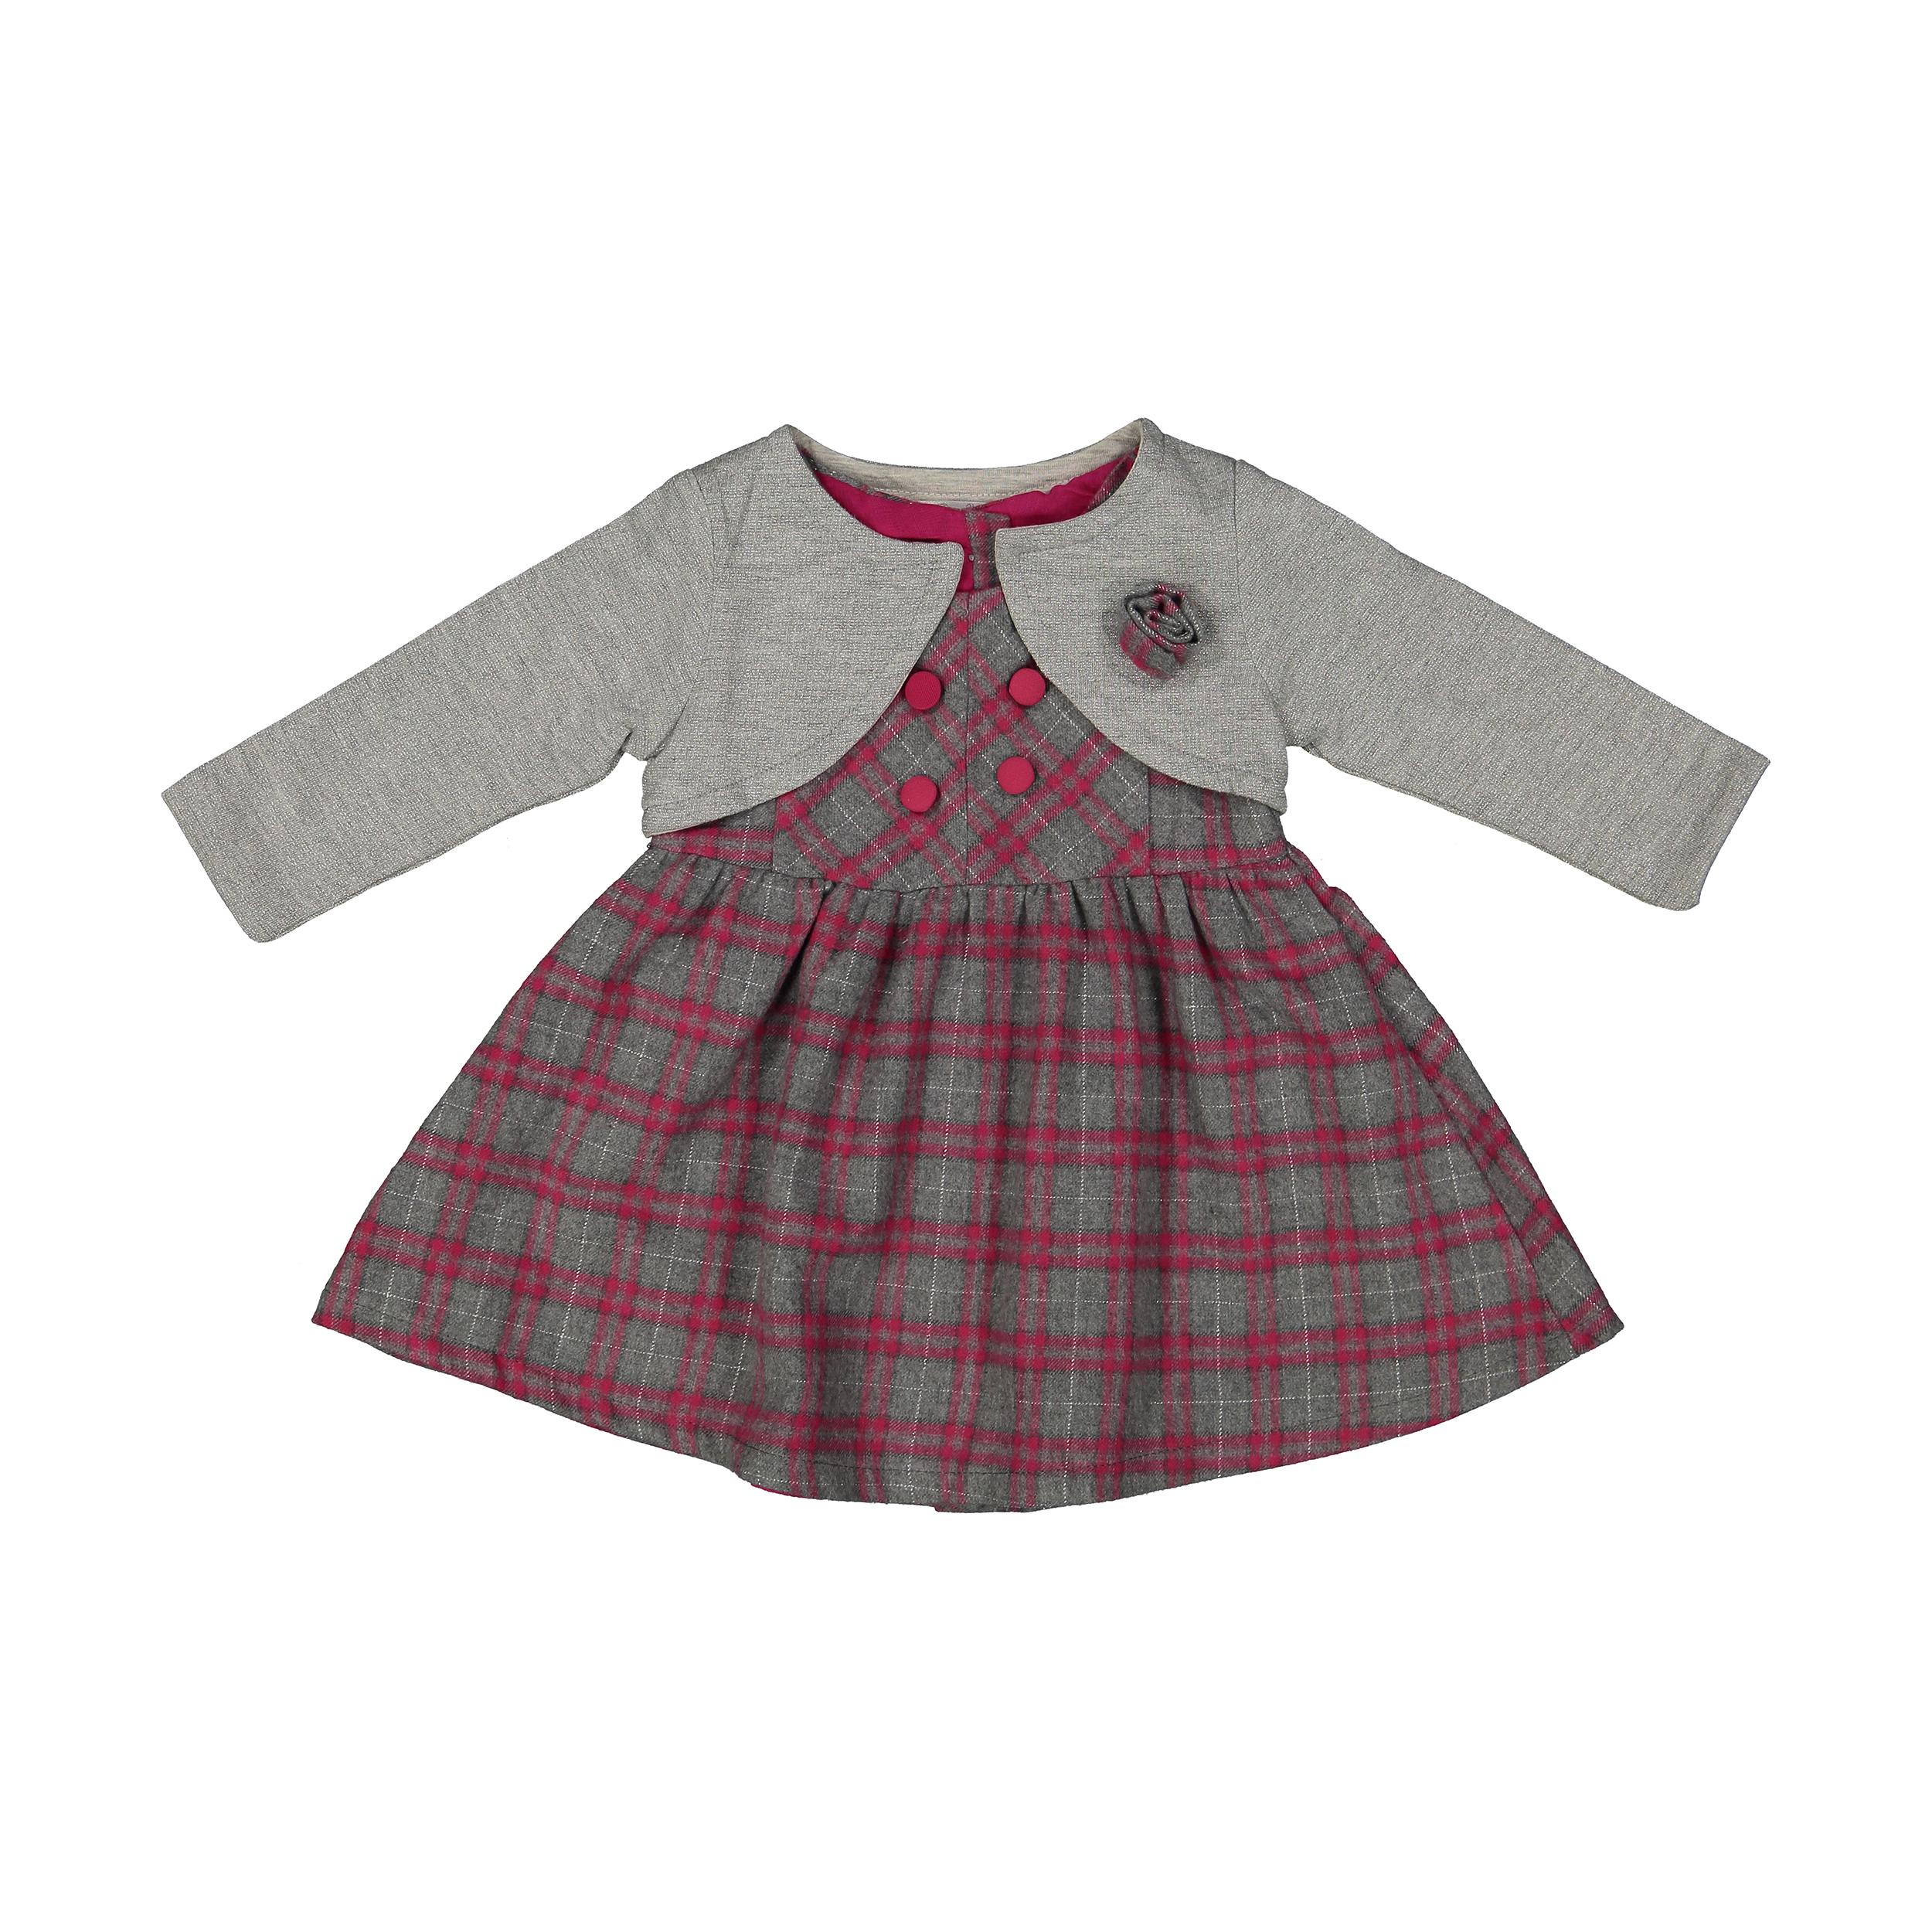 ست کت و پیراهن نوزادی دخترانه فیورلا مدل 20520